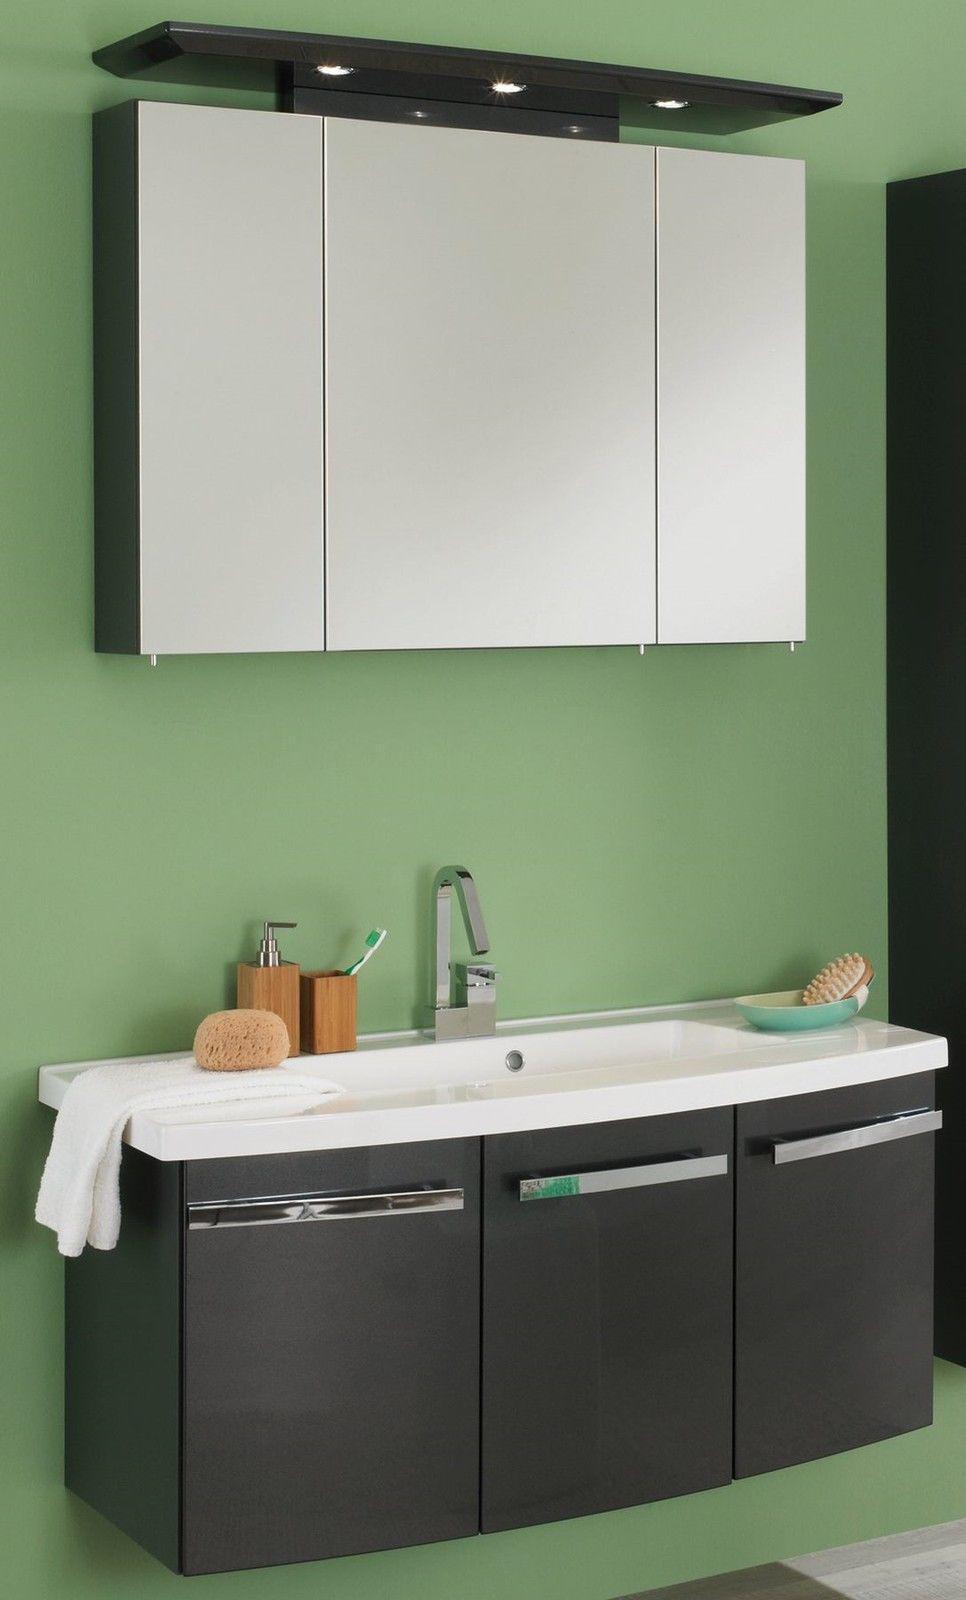 waschplatz badezimmer   jtleigh - hausgestaltung ideen